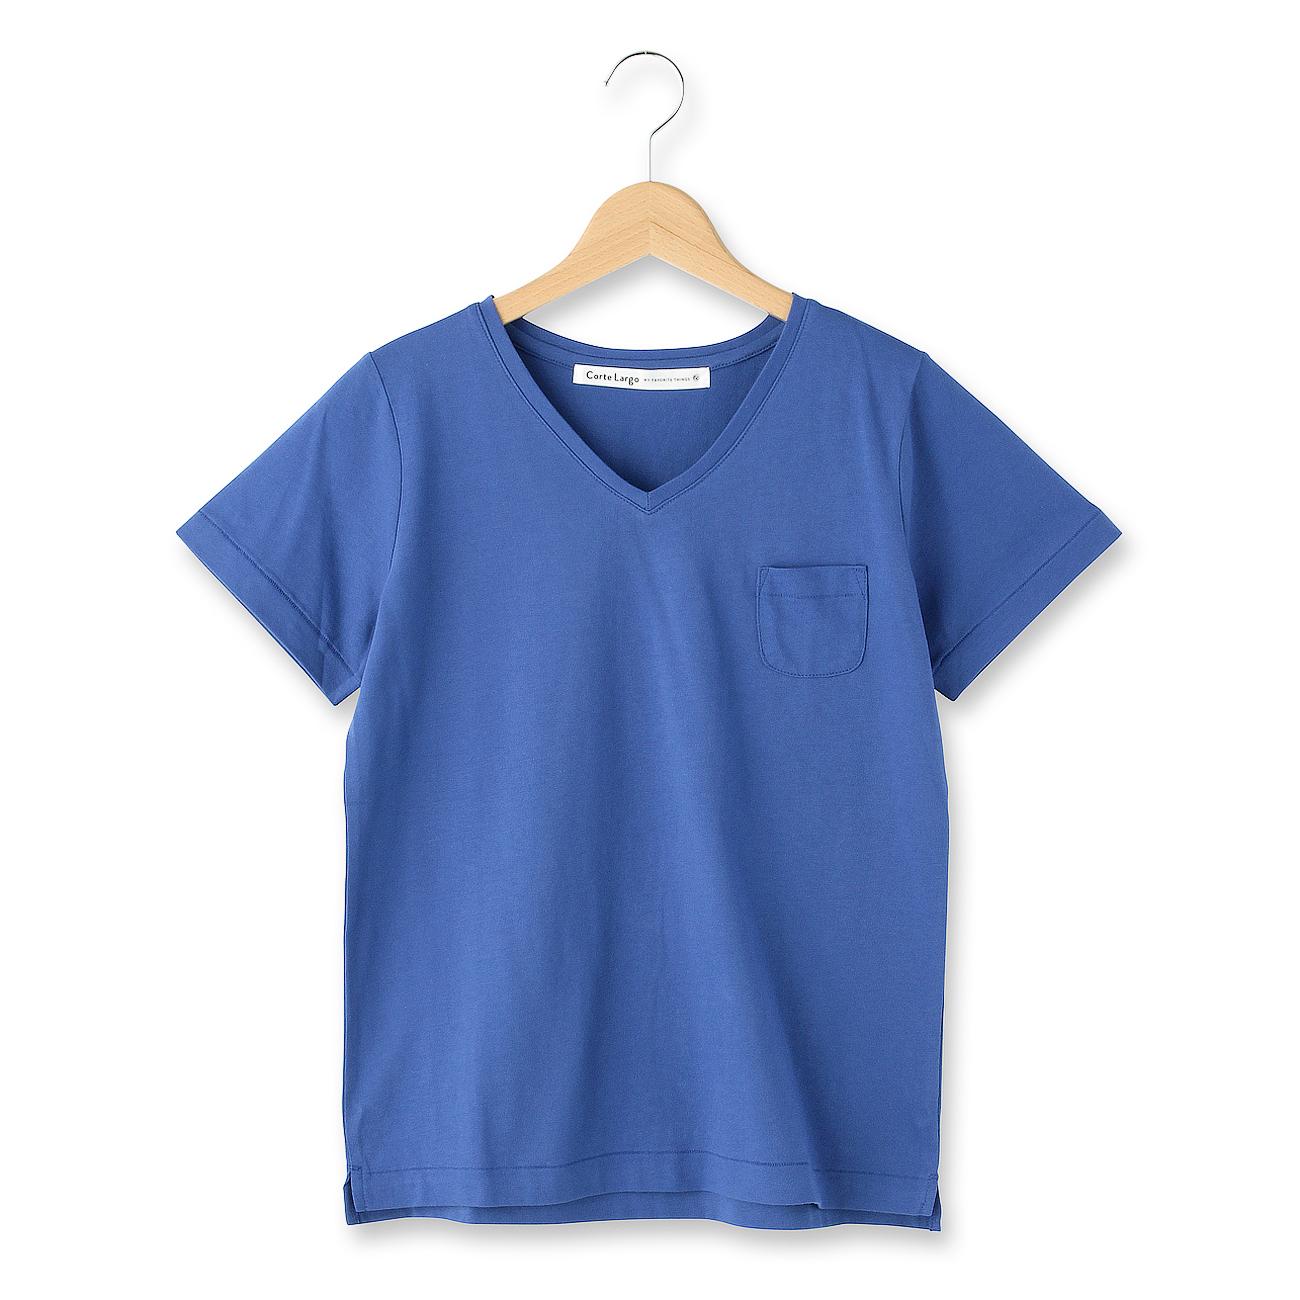 【CorteLargo (コルテラルゴ)】プチポケコットンTシャツレディース トップス|カットソー・Tシャツ ブルー